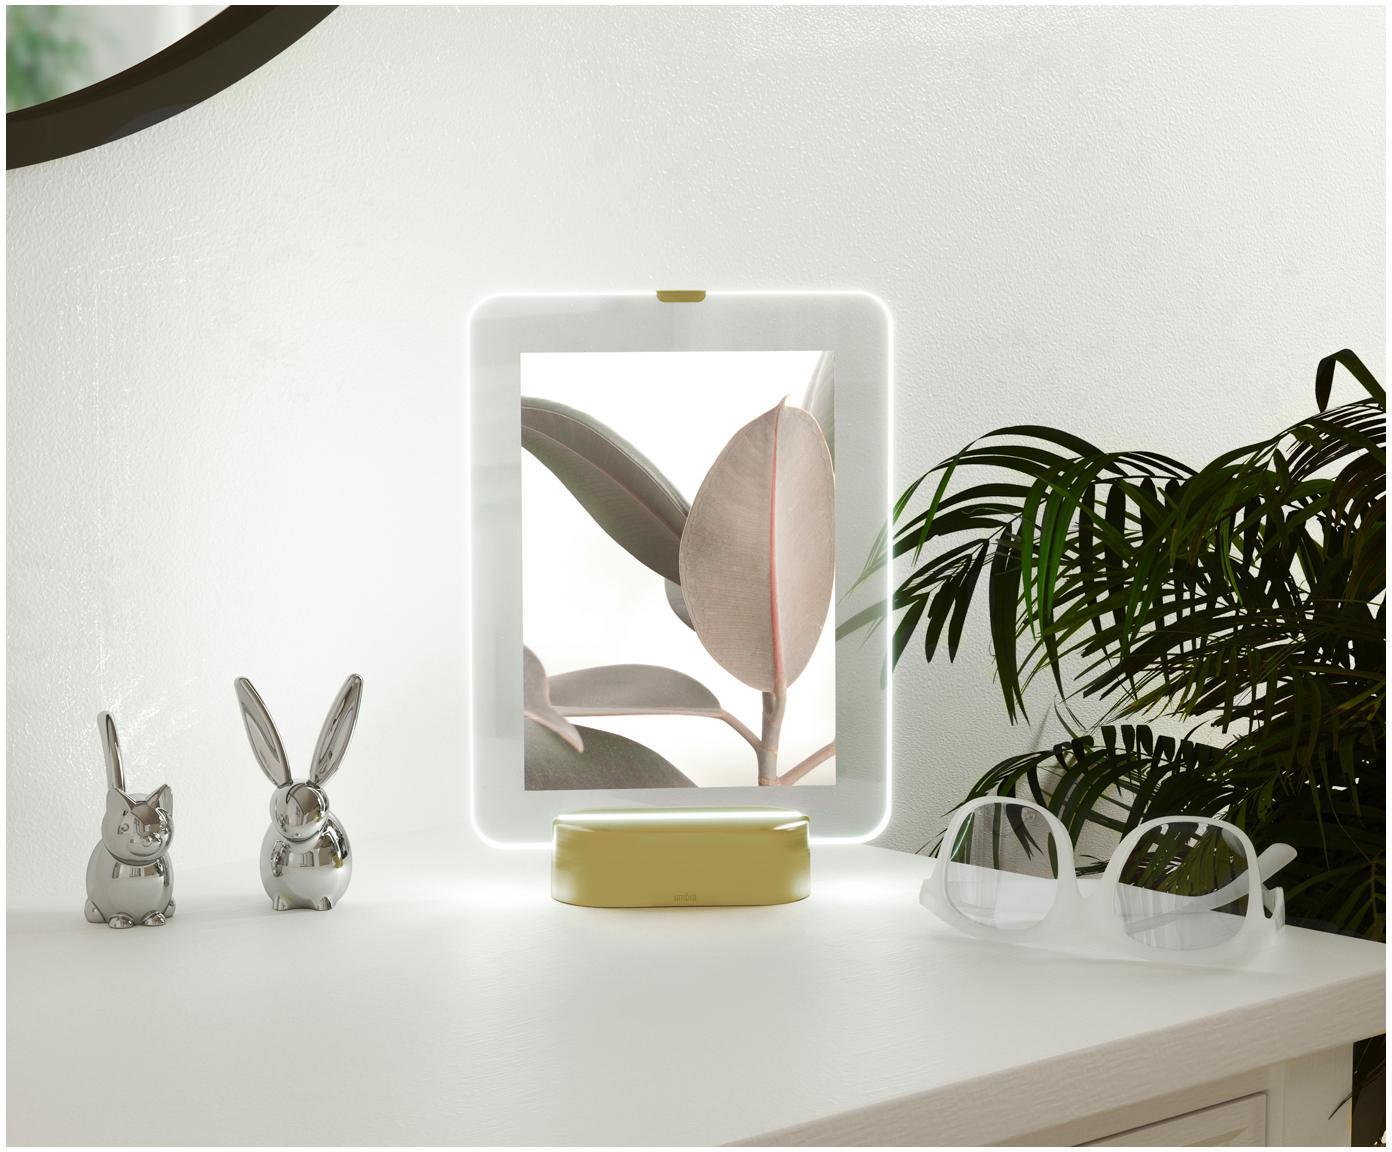 Ramka na zdjęcia LED Glo, Odcienie mosiądzu, 13 x 18 cm